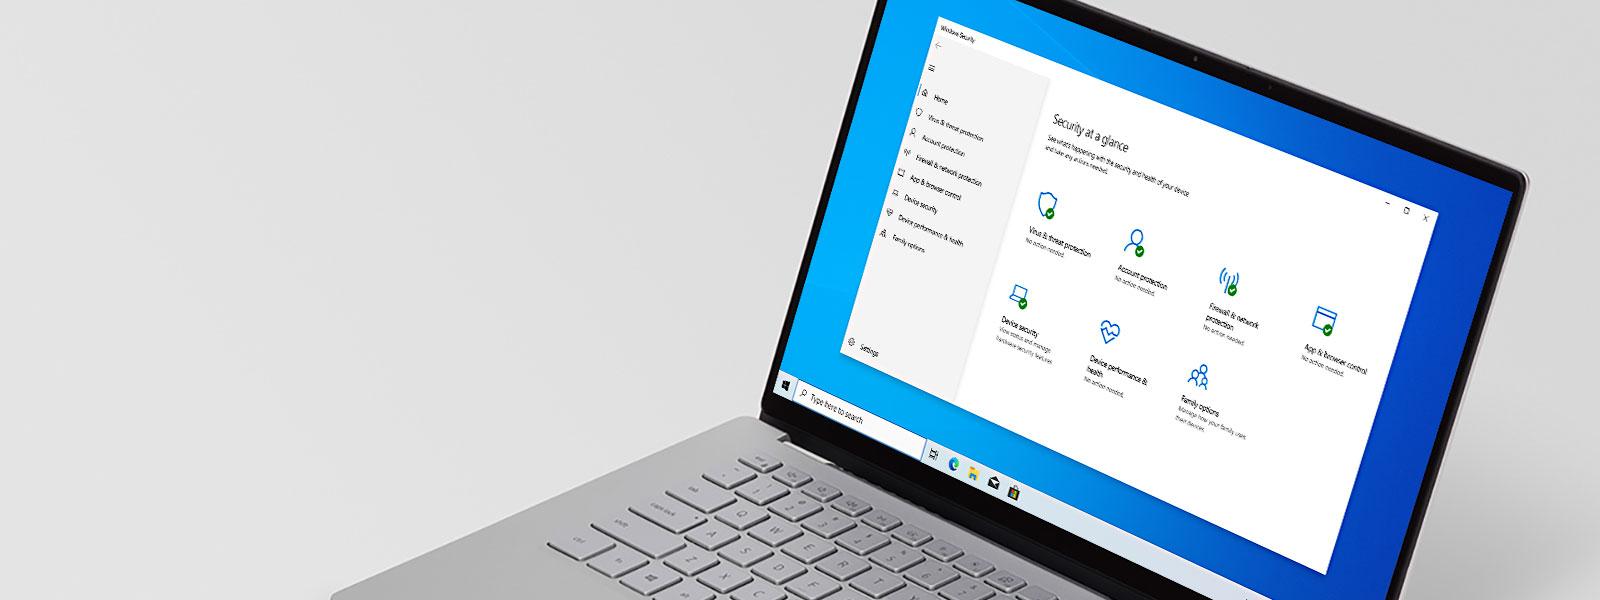 Notebook s Windowsom 10 zobrazujúci okno antivírusového programu Microsoft Defender